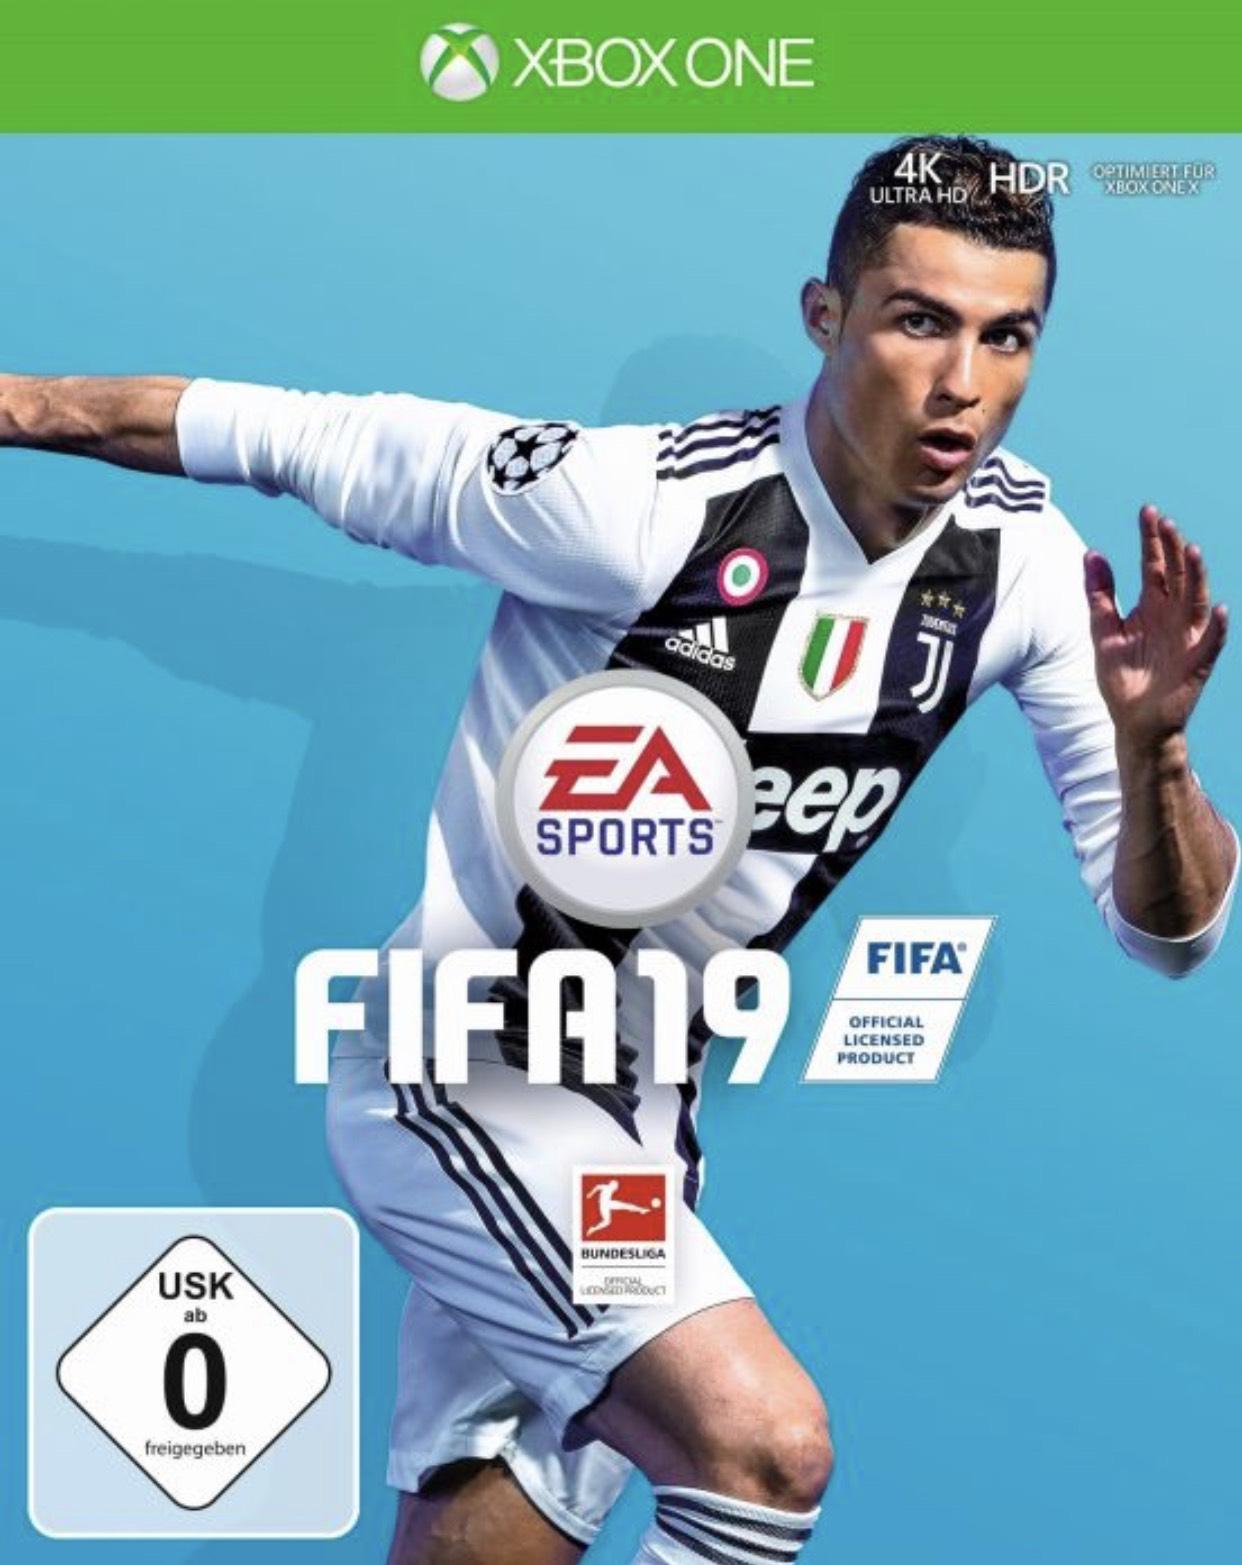 Fifa 19 für PlayStation 4 oder Xbox One. Gamestop Eintauschlistenartikel